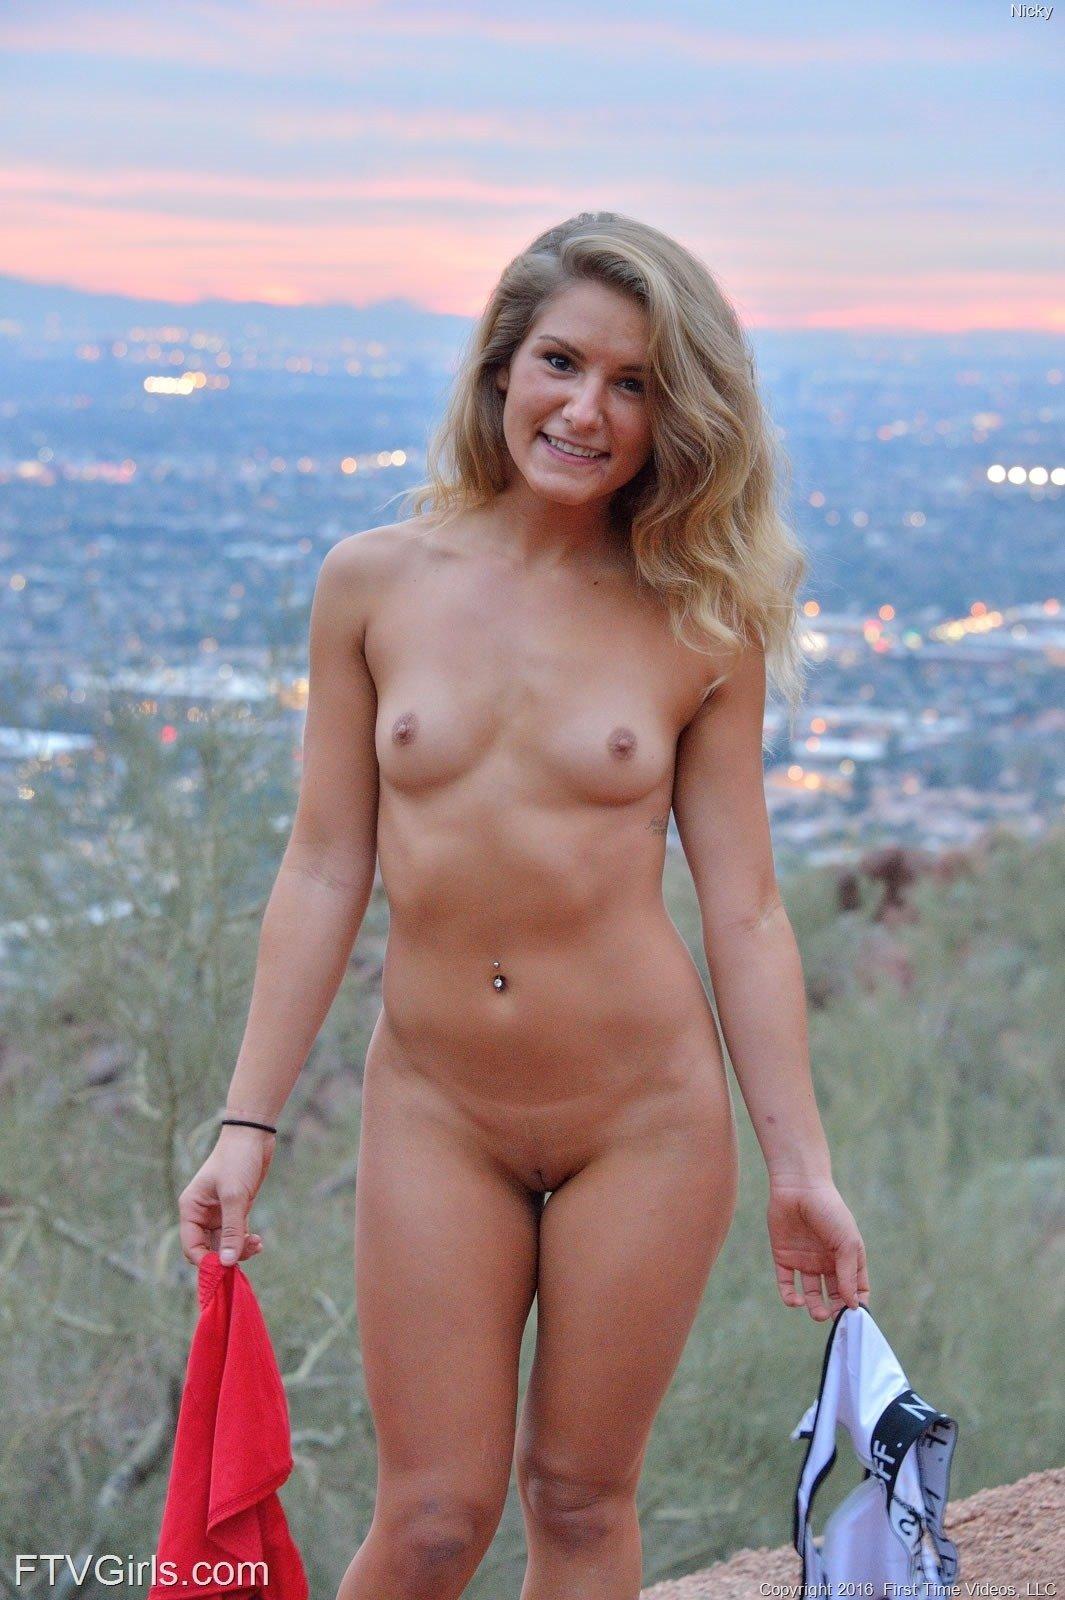 hot nude women lov beads